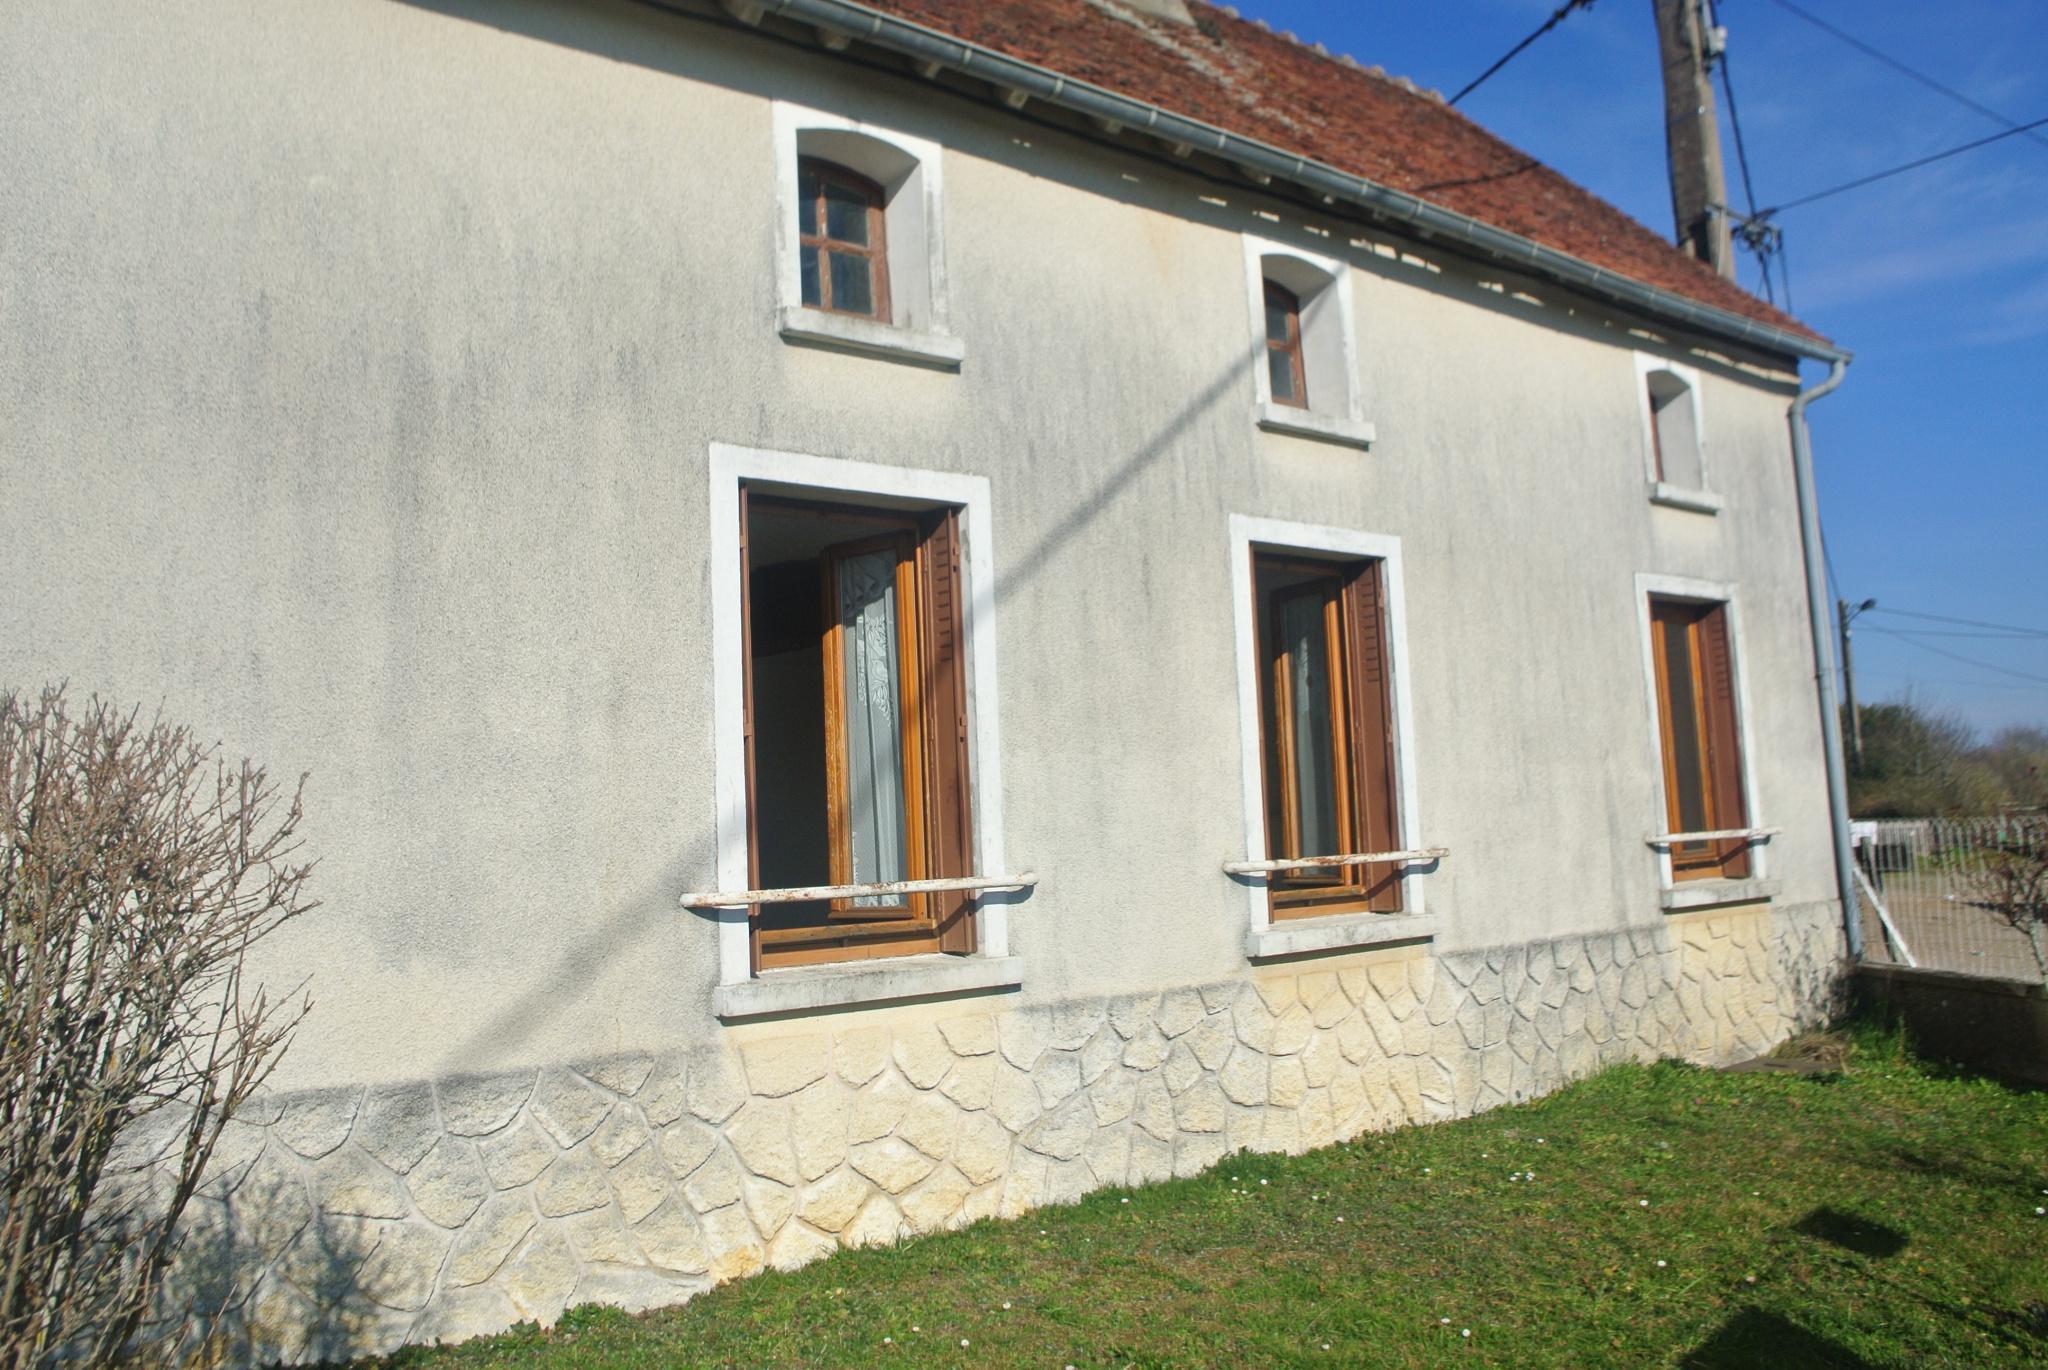 maison villa vente chaillac m tres carr s 81 dans le domaine de sud indre ref 101427